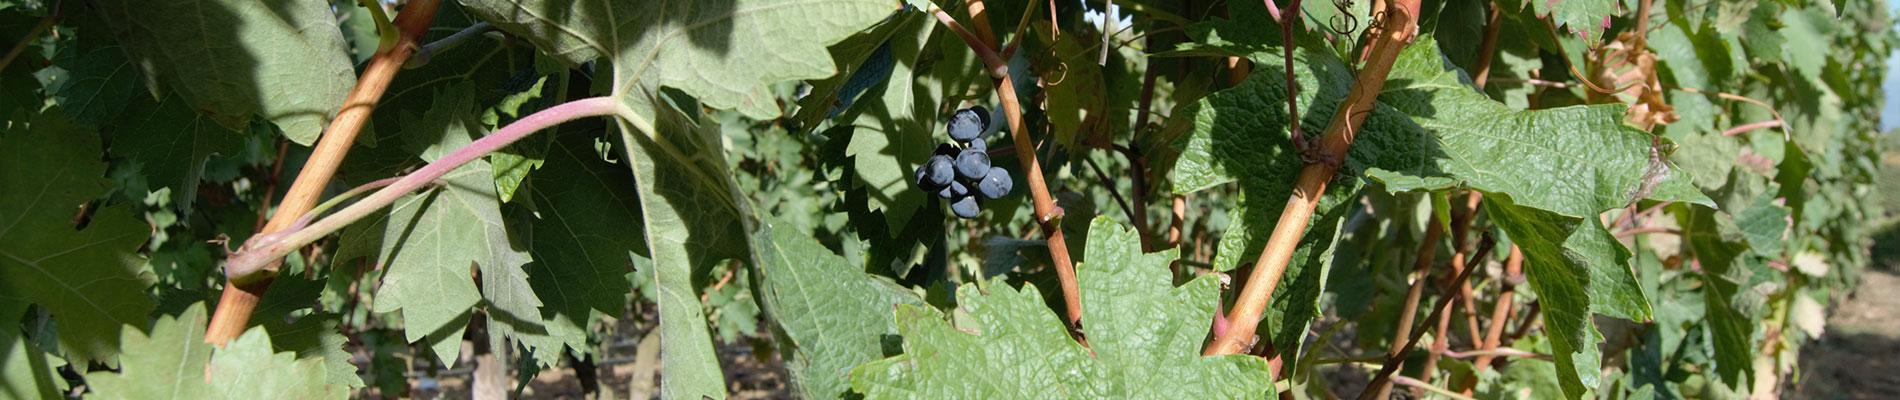 葡萄园里的葡萄